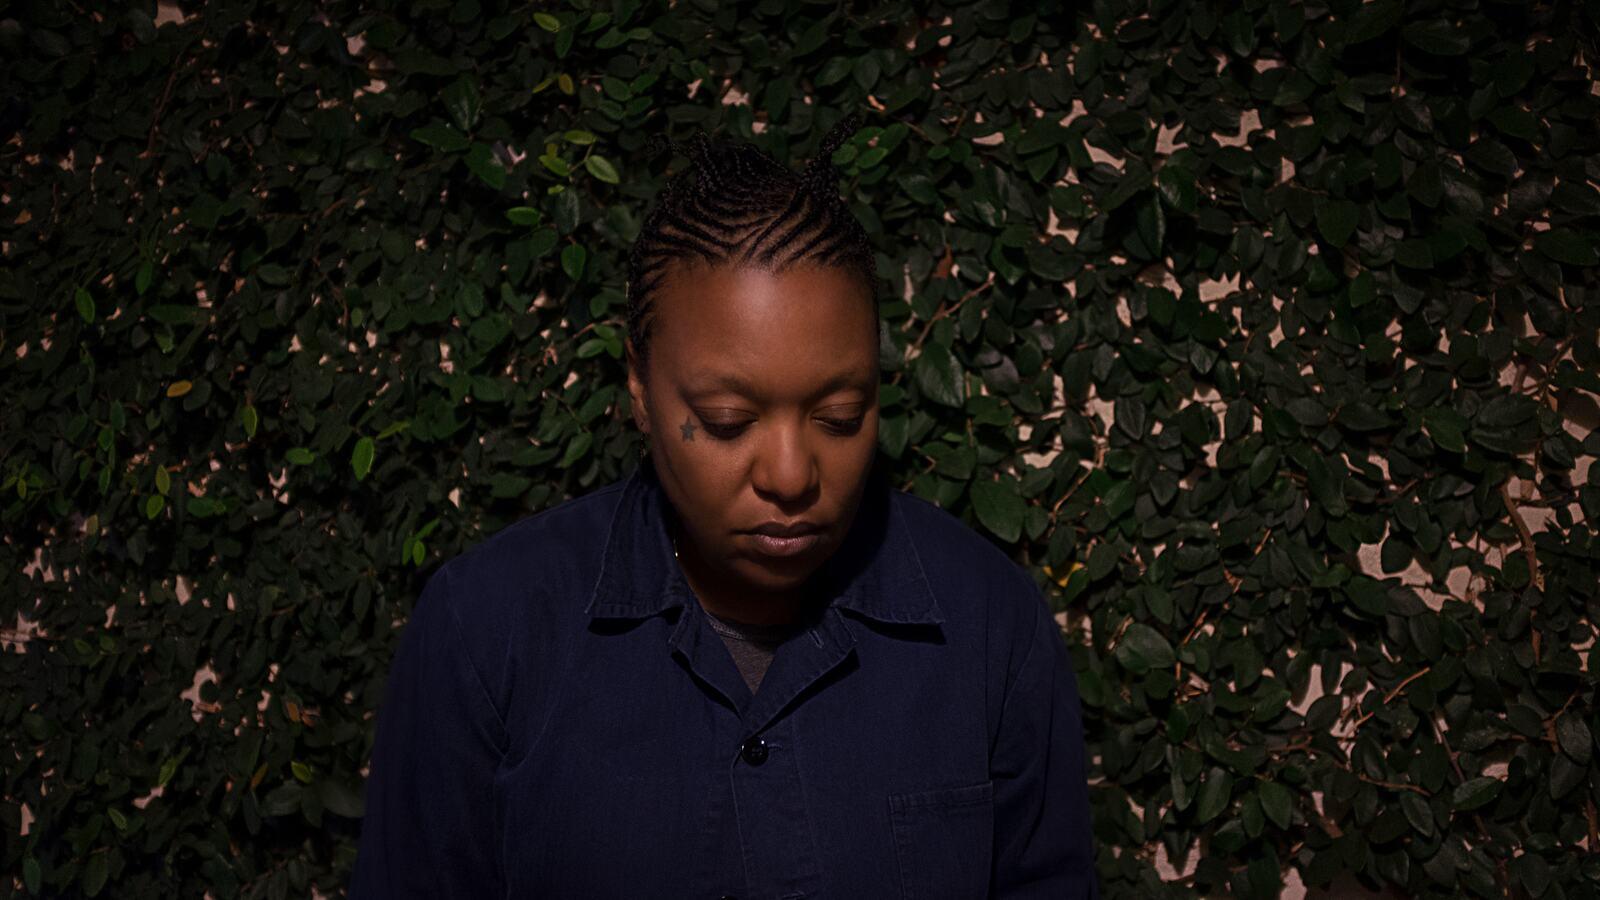 Meshell Ndegeocello, singer-songwriter